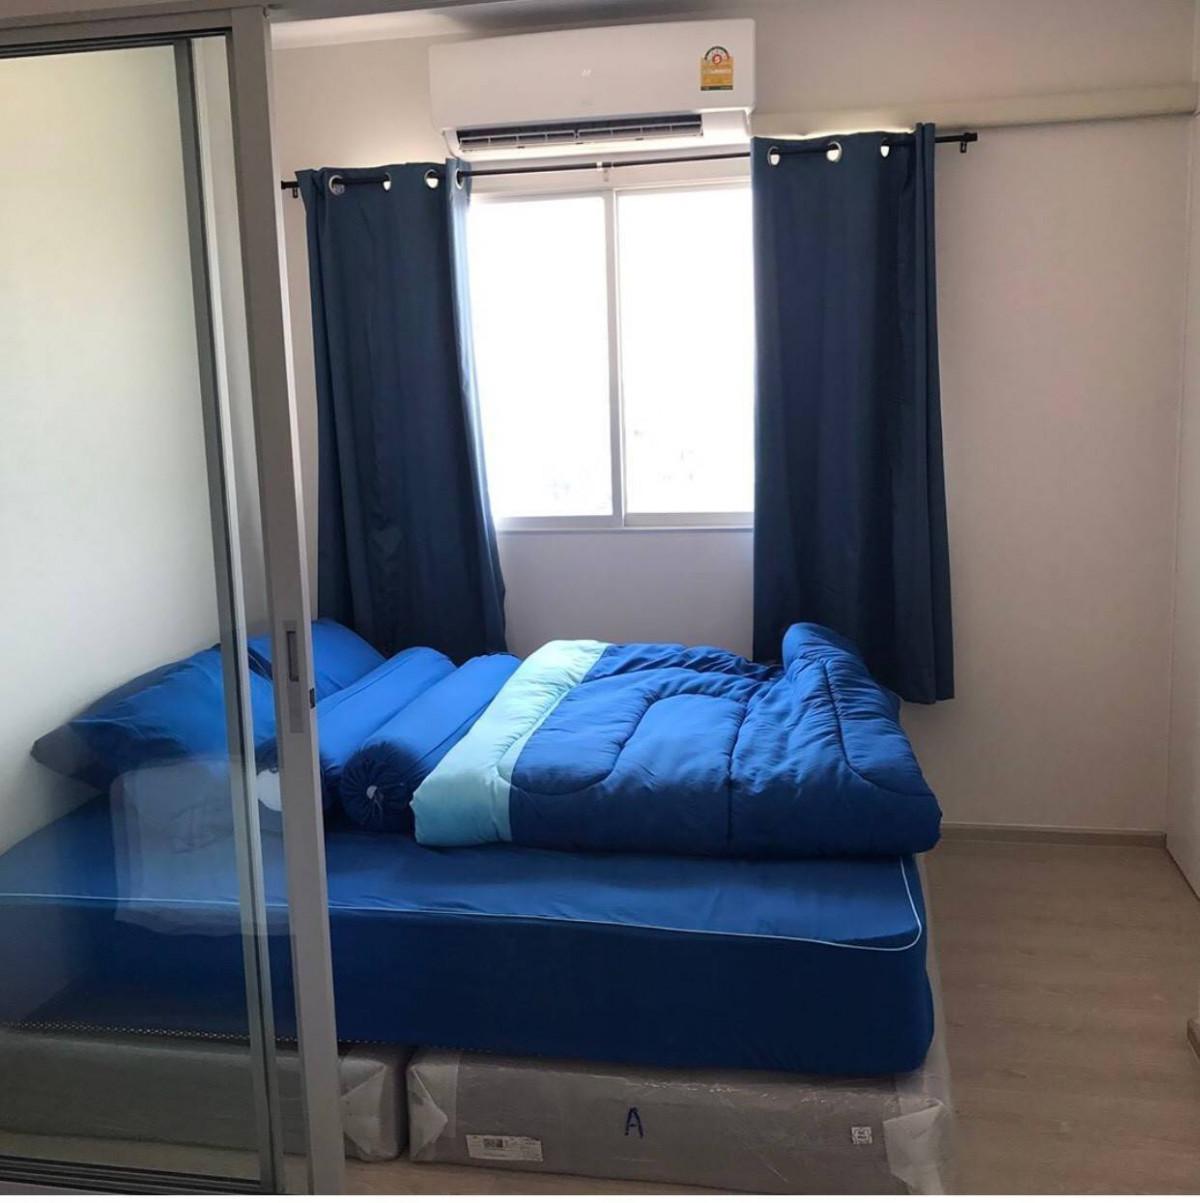 รูปของประกาศขายคอนโดพลัม คอนโด พาร์ค รังสิต(1 ห้องนอน)(1)